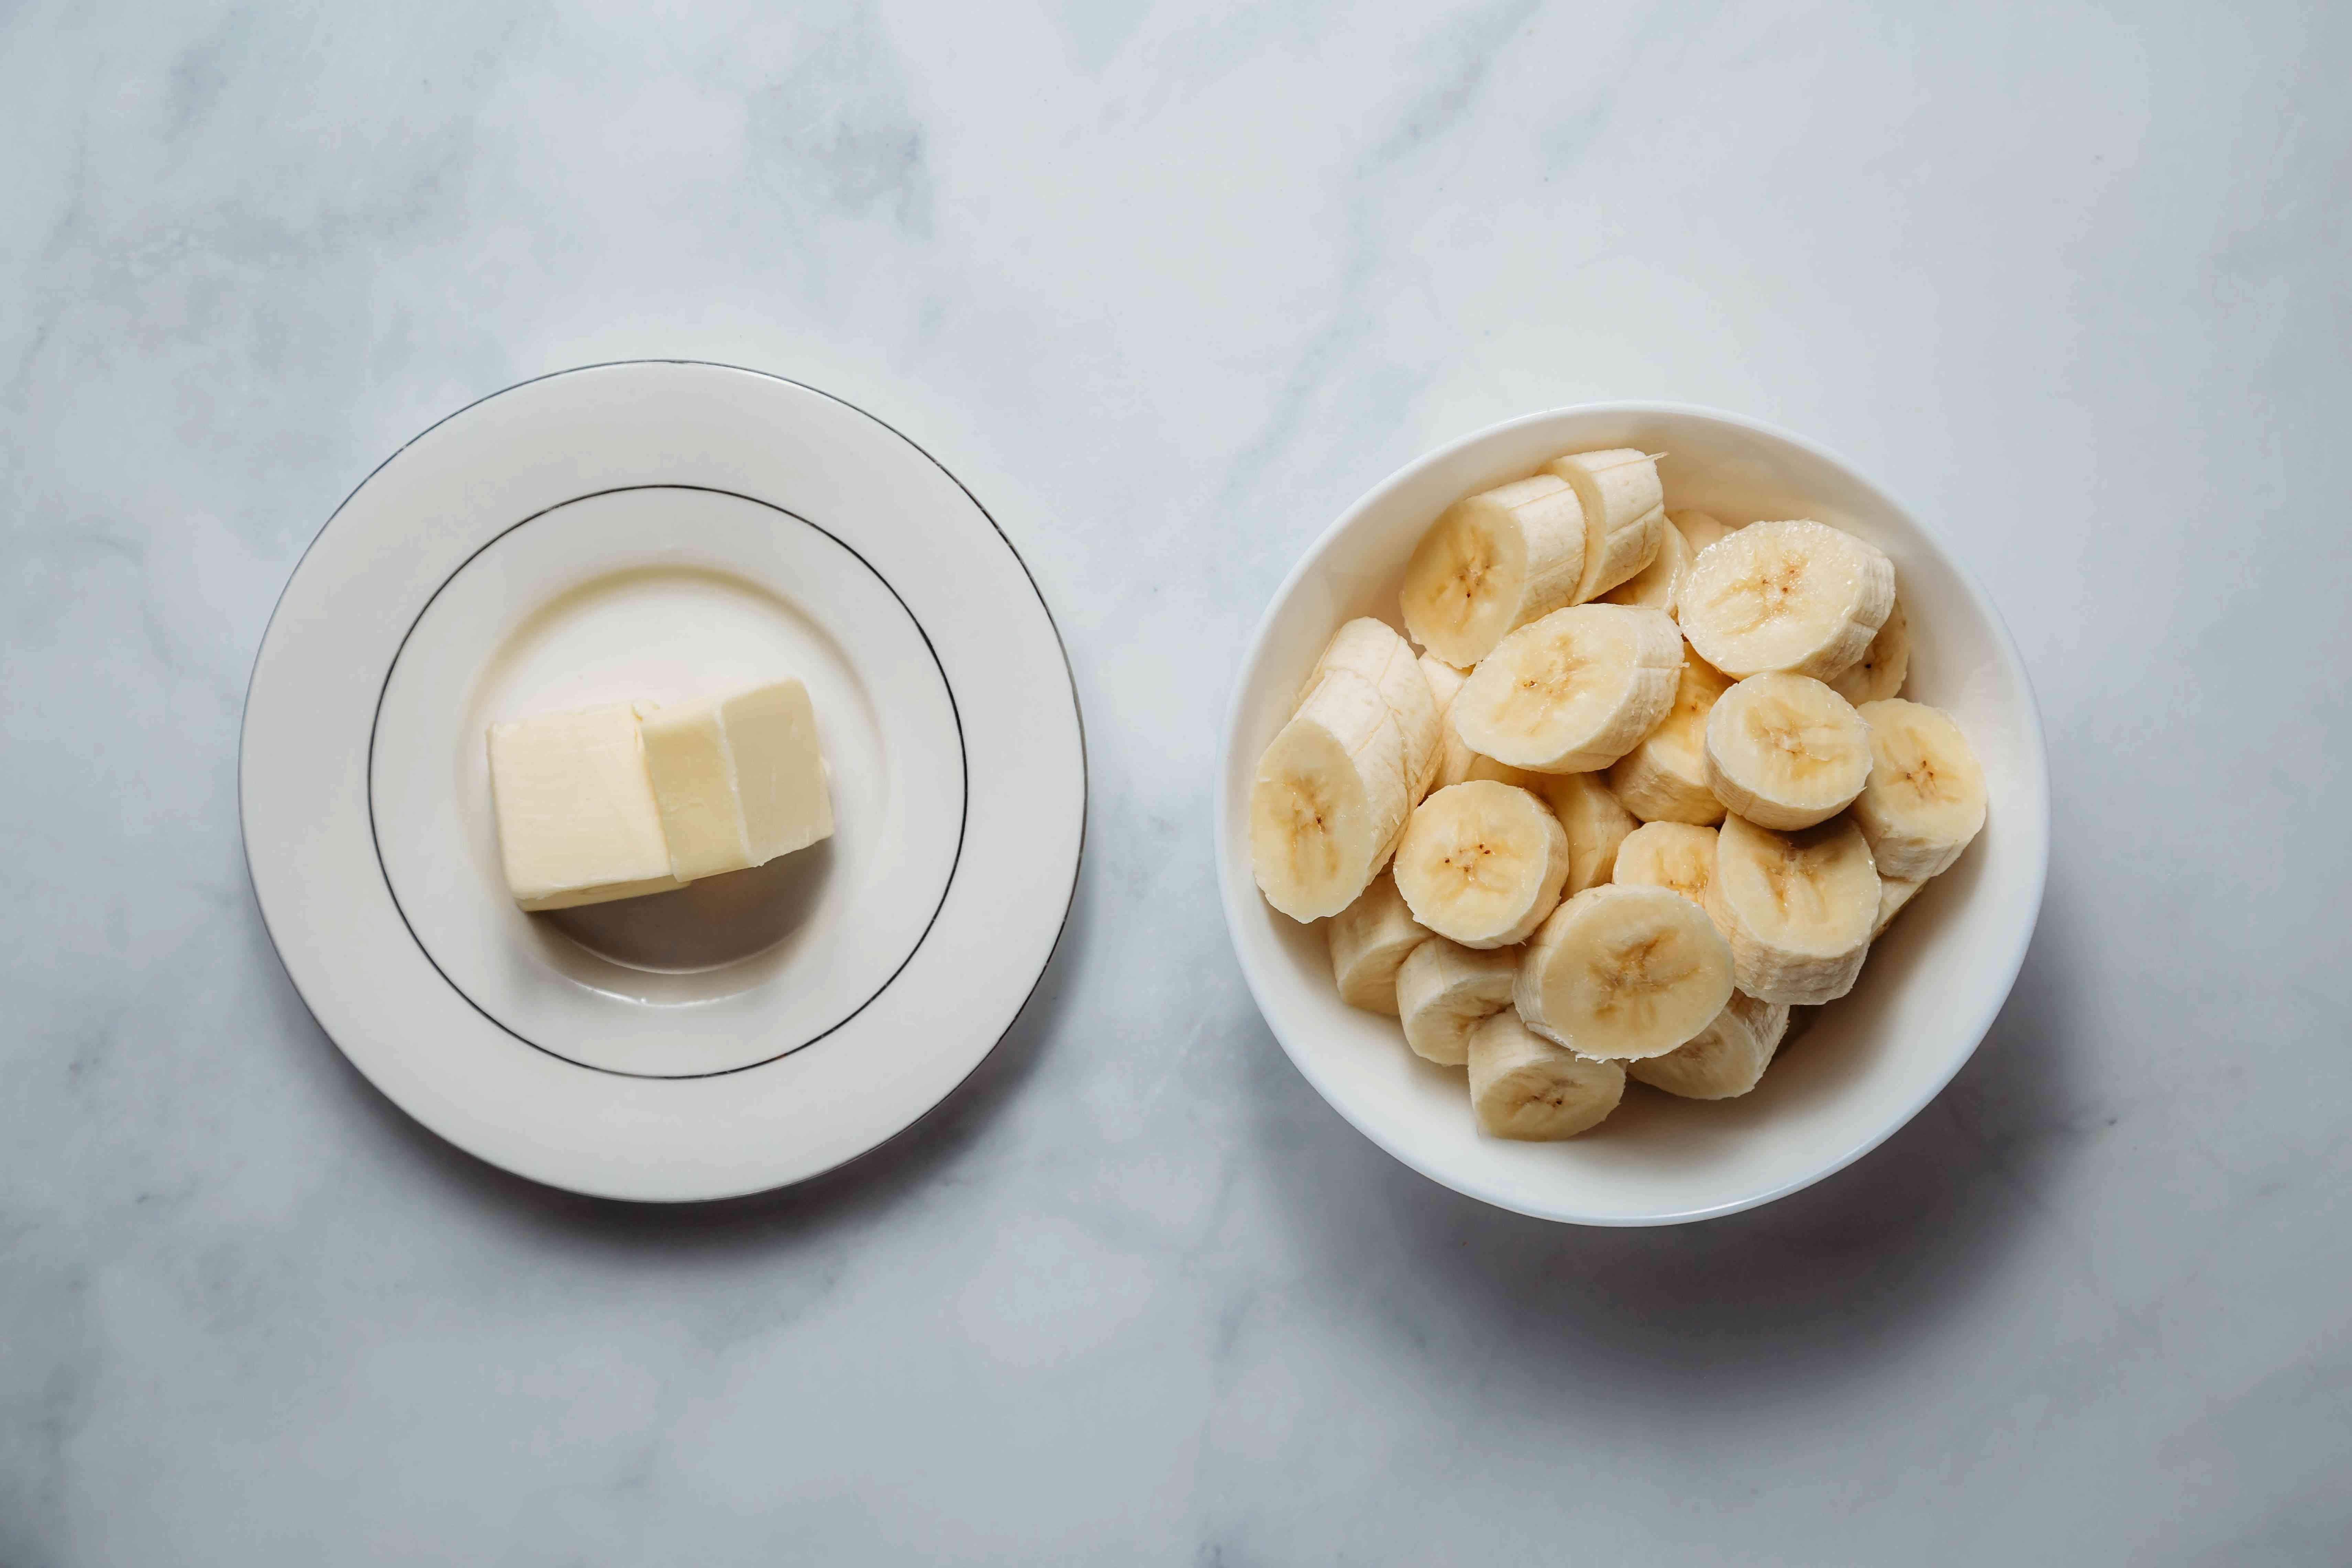 Banana garnish ingredients